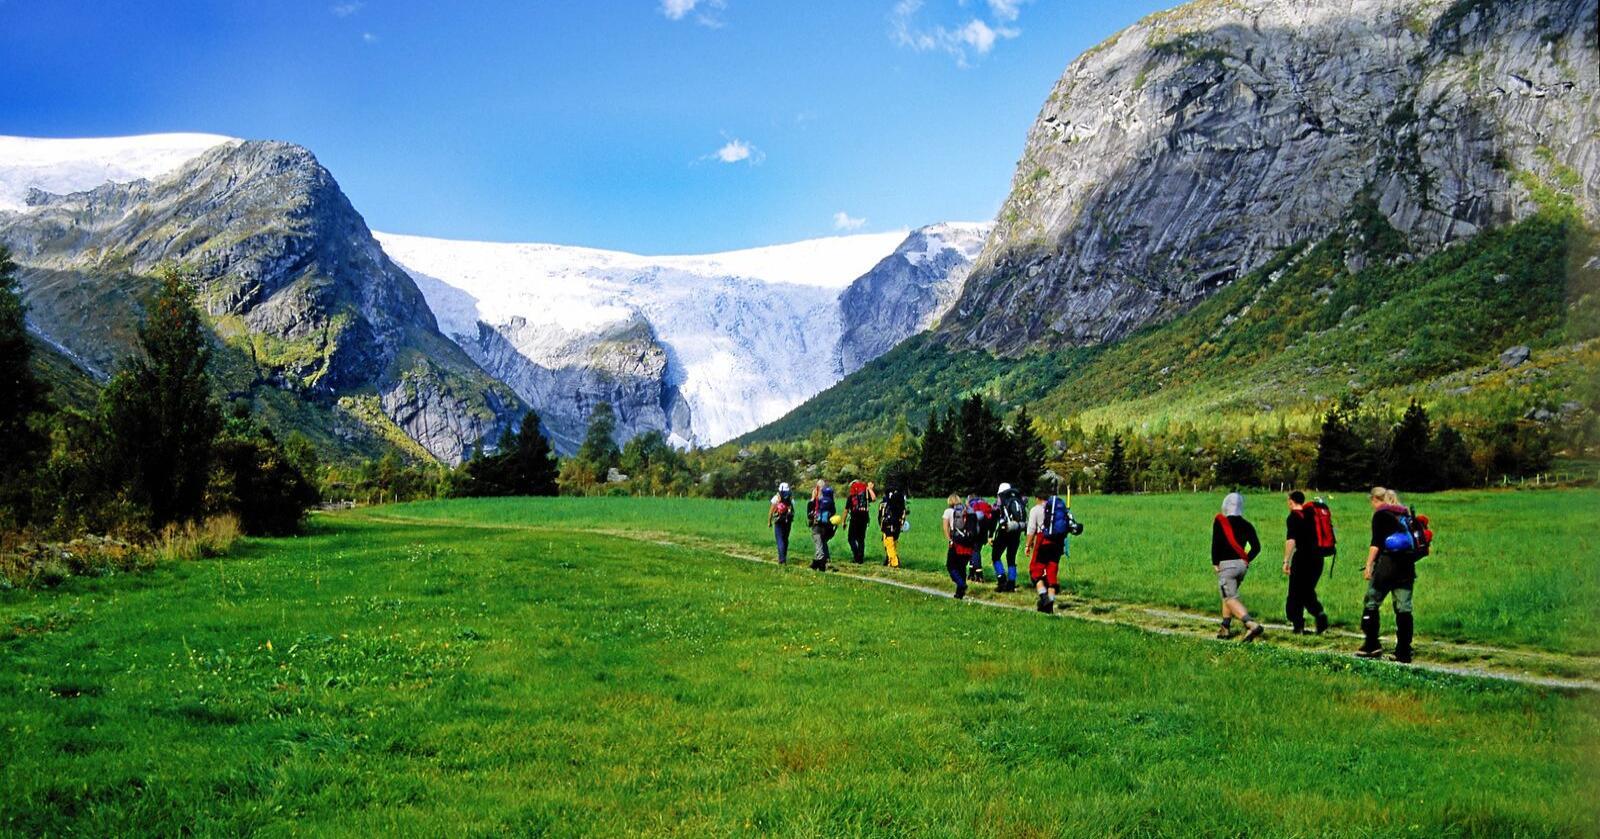 Kontakt med natur og kultur kan bidra til glede, og gi følelsen av noe nytt og inspirerende, ifølge forsker Monica Breiby.Illustrasjonsfoto: Anders Gjengedal / Visitnorway.com